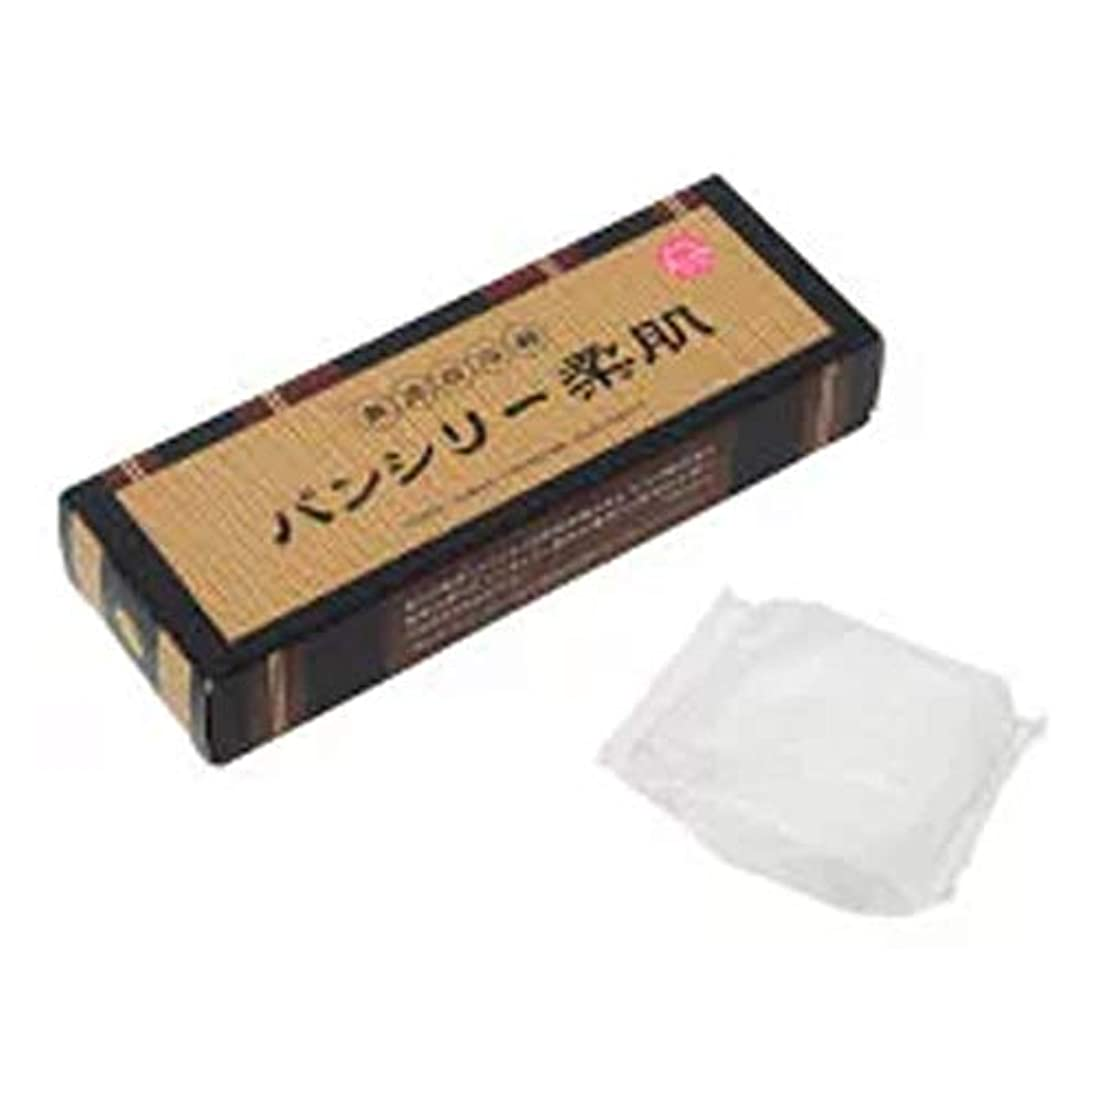 冷笑する消毒する妥協パンシリー柔肌 60g×3個 石鹸 せっけん 渋柿 コンフリー コラーゲン ヒアルロン酸